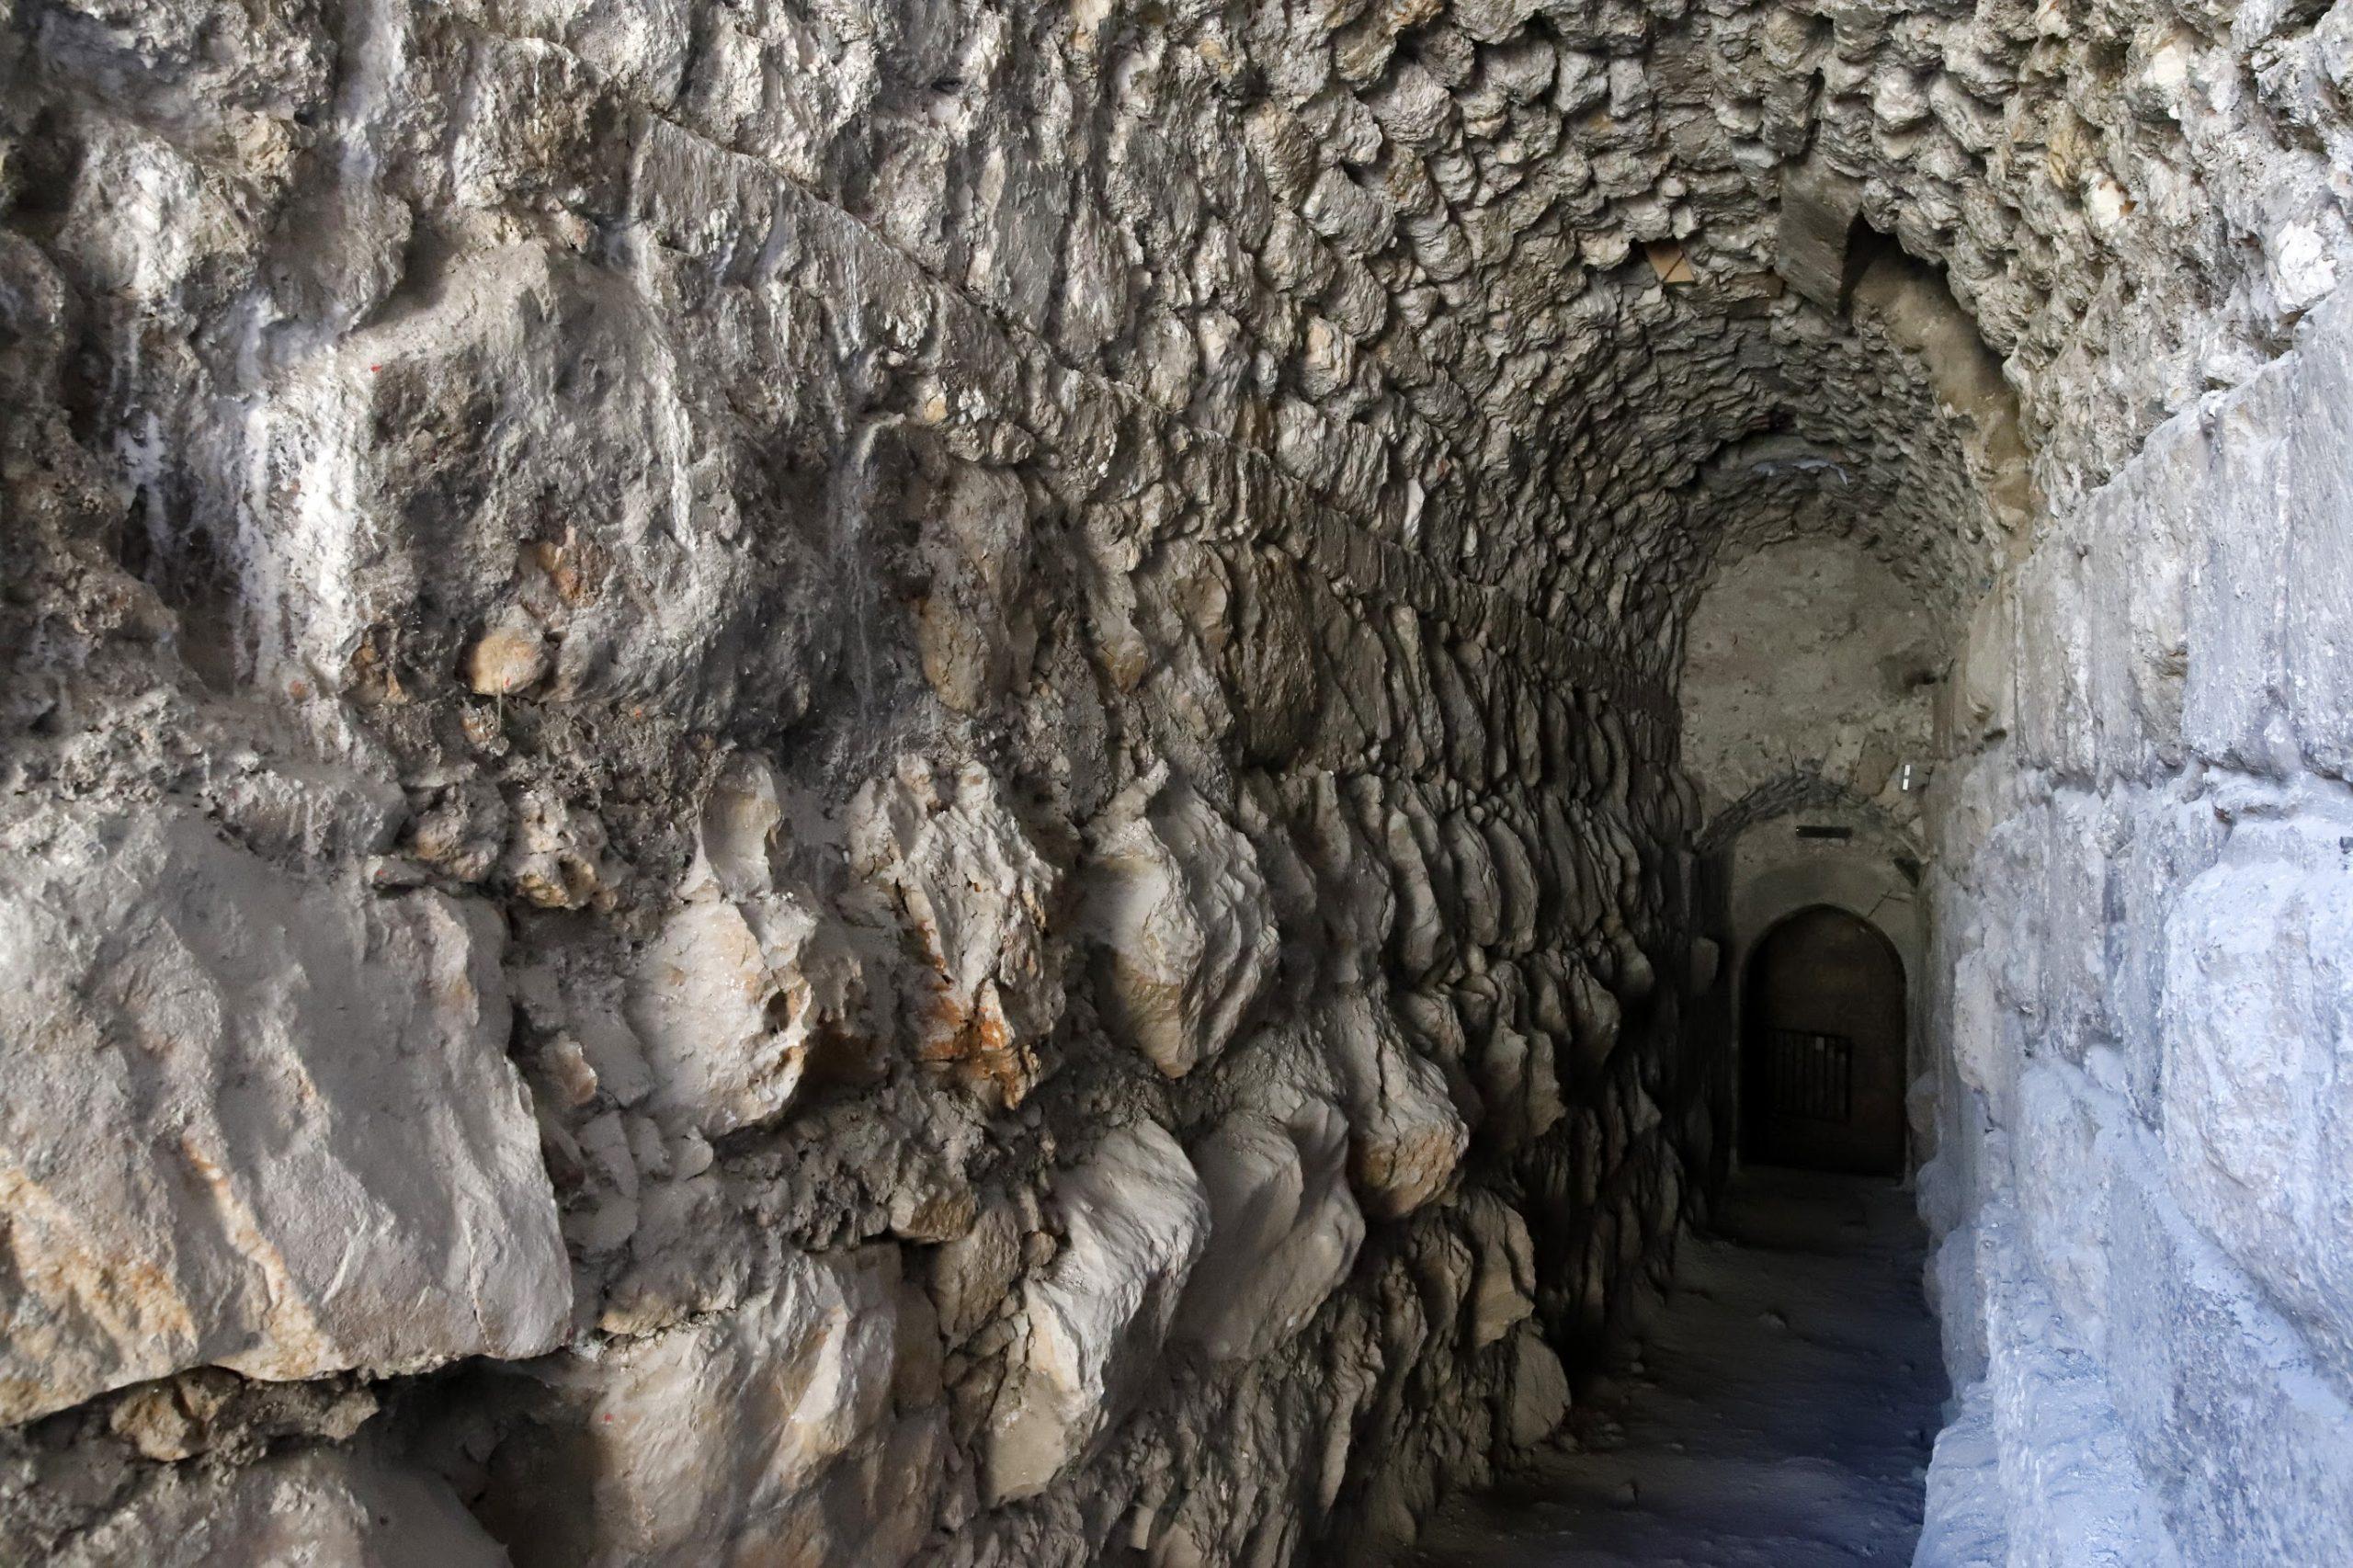 Иерусалим: туннель в прошлое. Фото Рики Речмен. Предоставлено пресс-службой музея